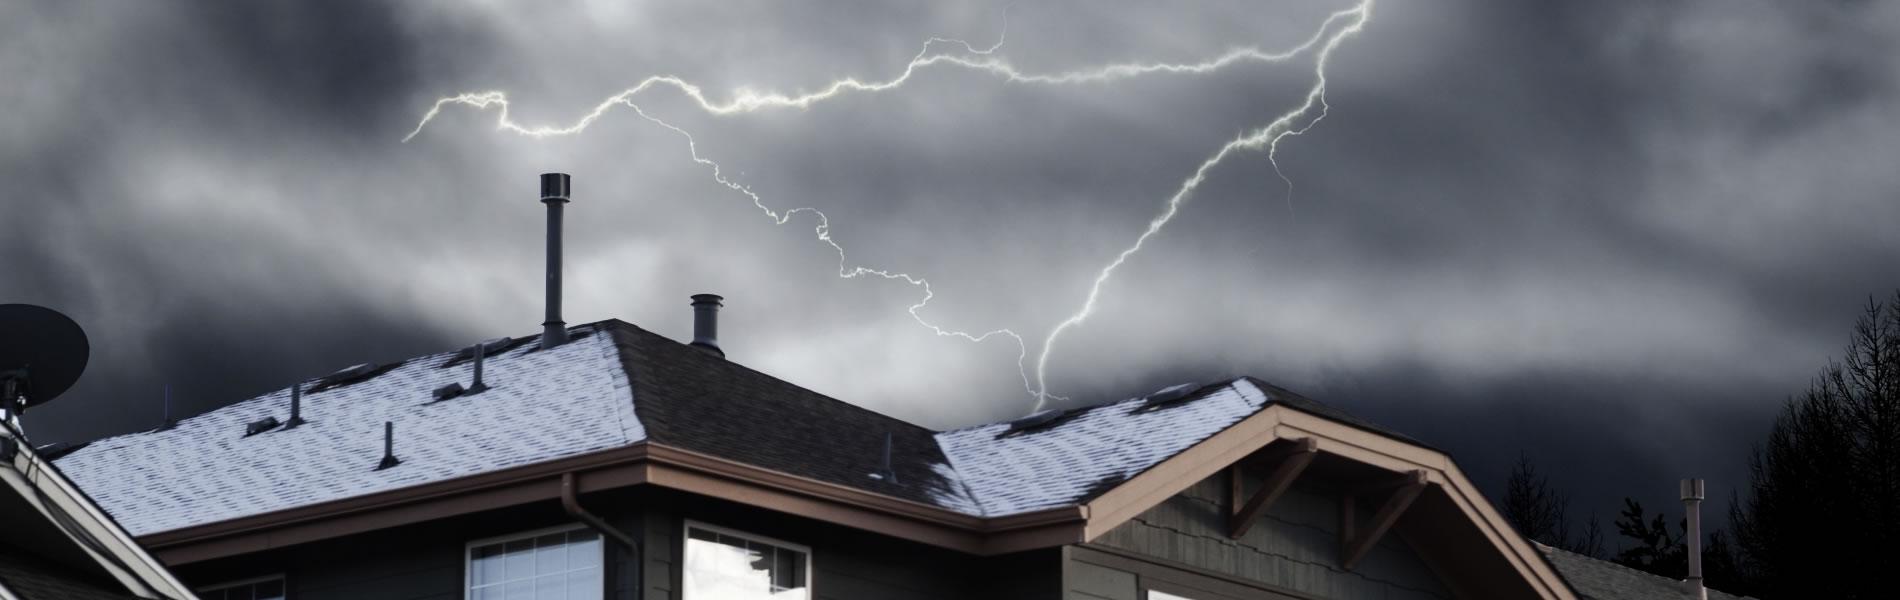 台風・豪雨・竜巻・風雪など火災保険(風災条項)の保険申請をご検討中の方へ